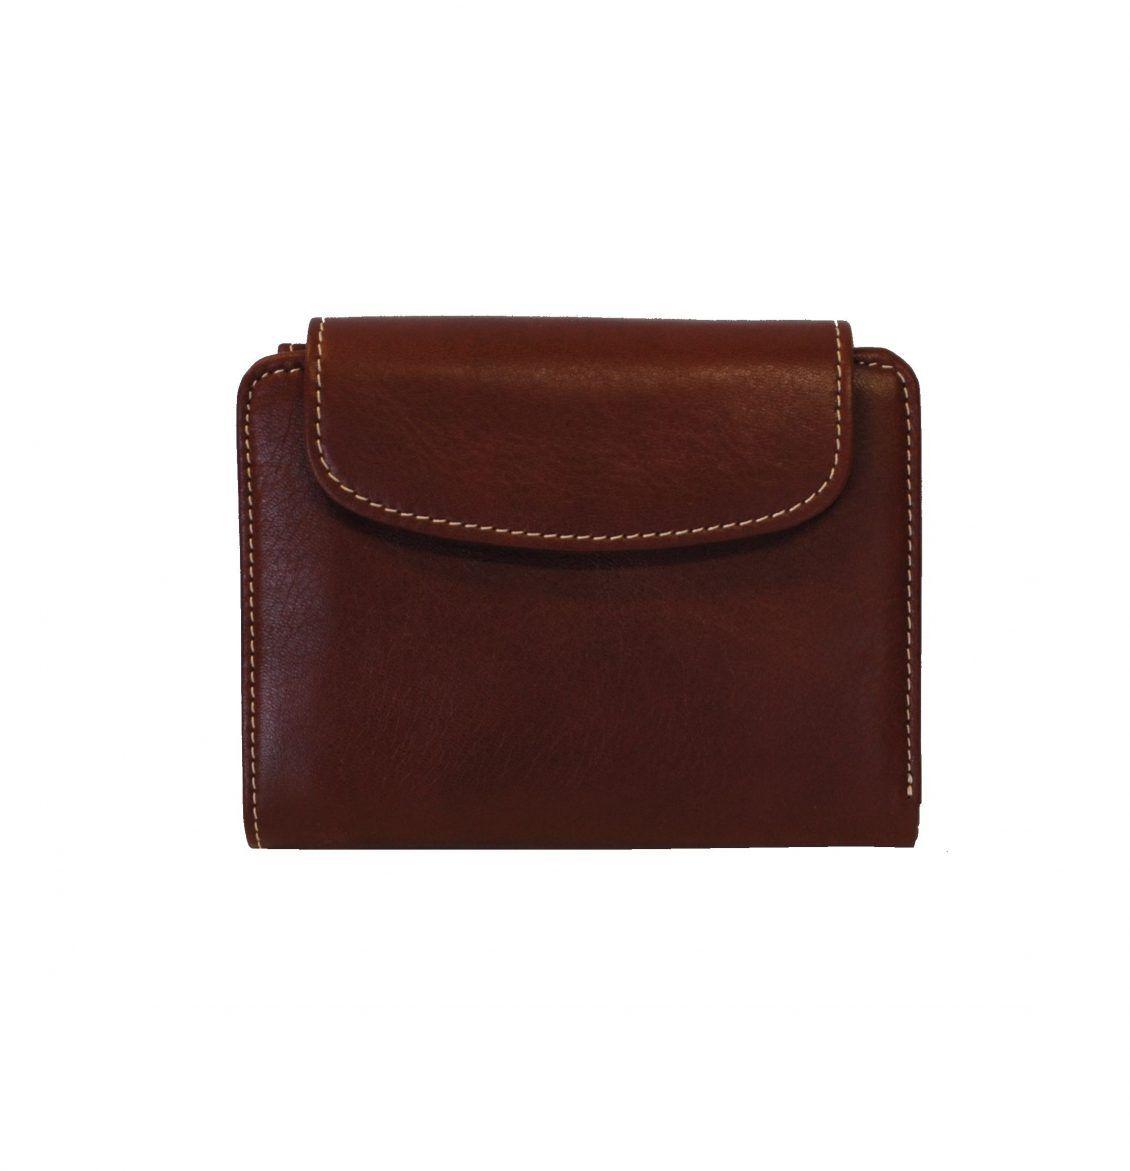 Kožené peňaženky Unisex Kožené výrobky - Page 3 of 4 - Kožená galantéria a  originálne ručne ee848704b3e